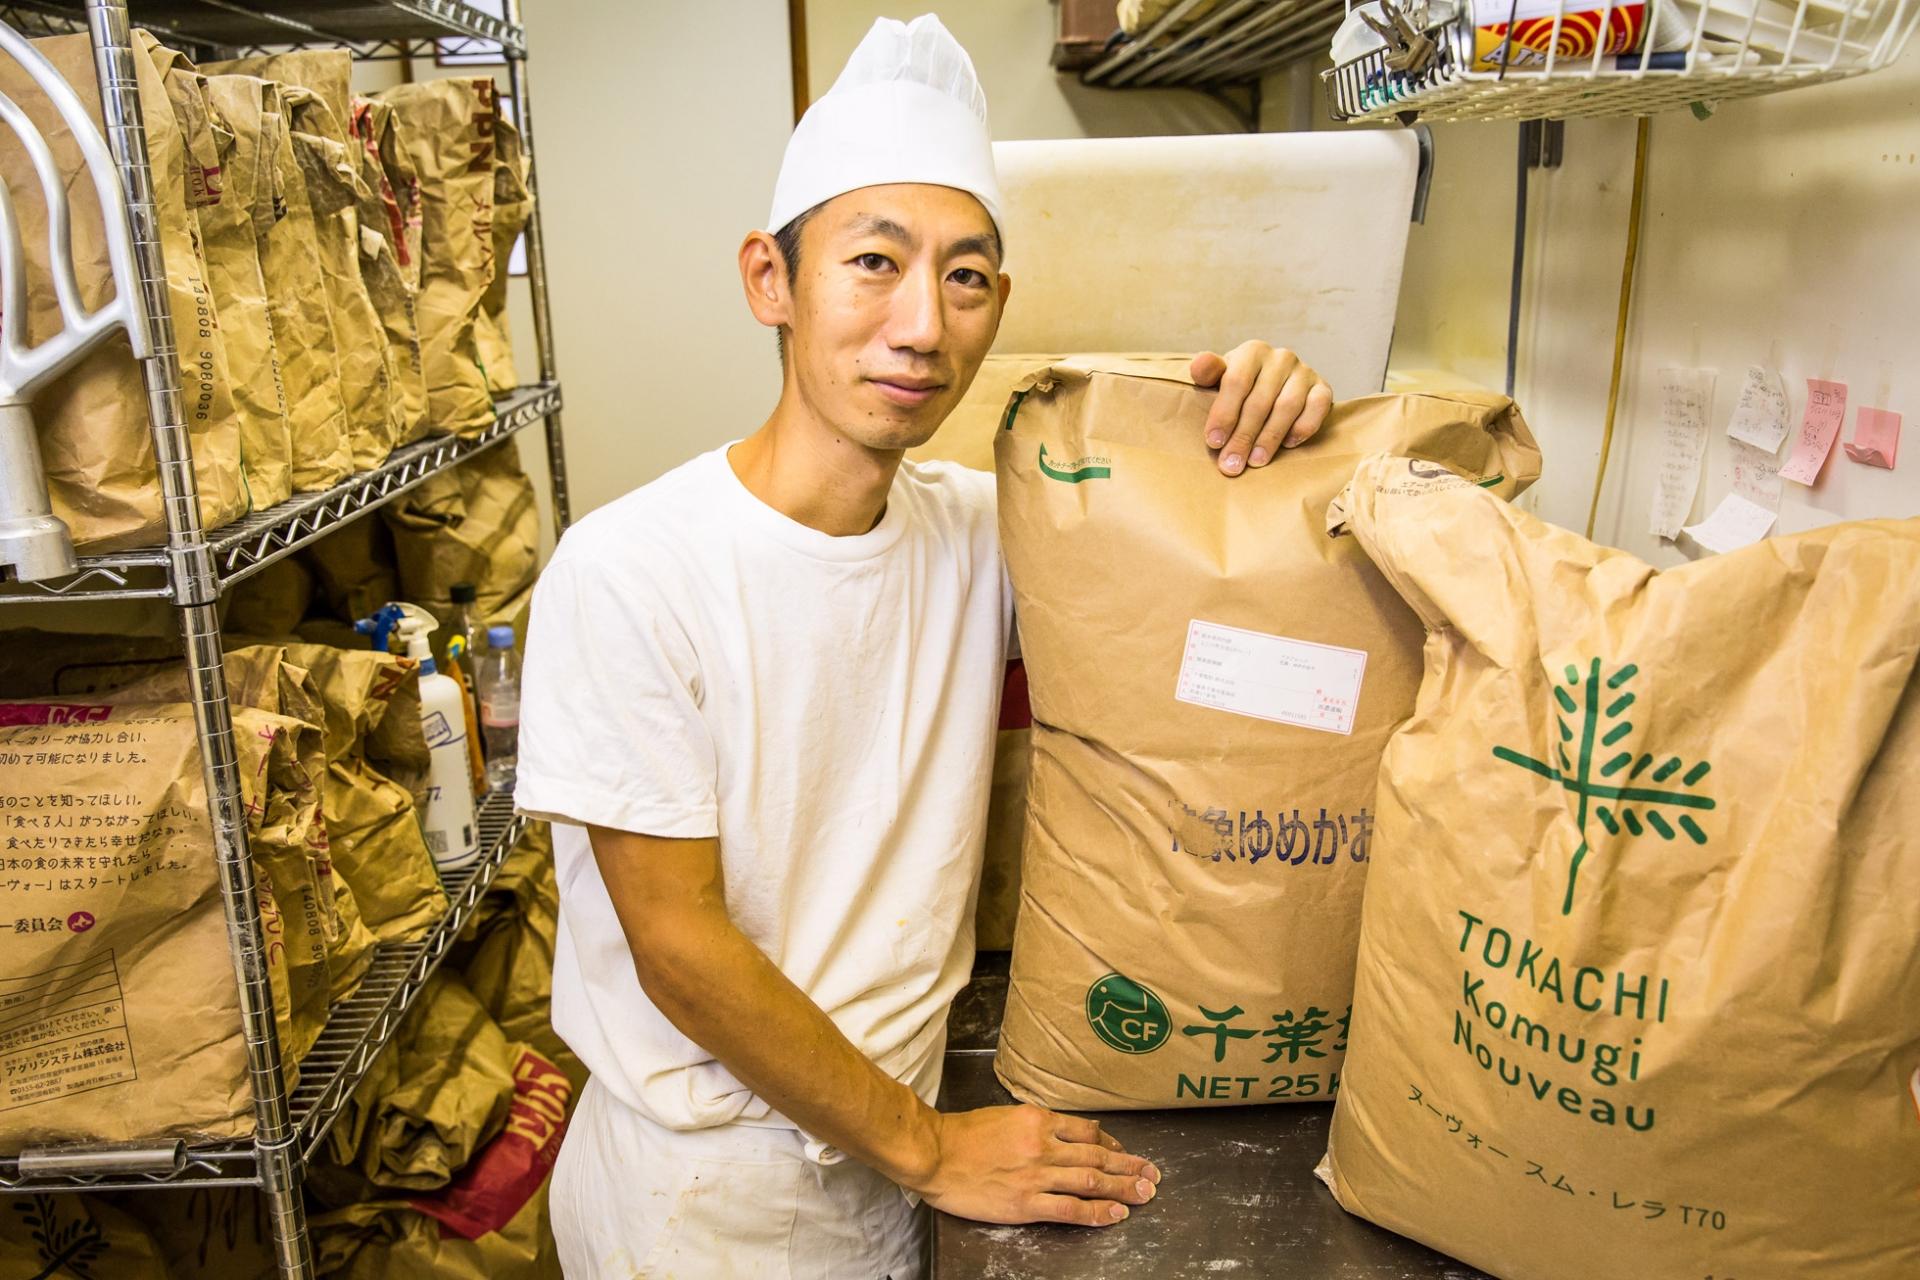 03 片根烘培:沒想到日本有這樣的麵粉